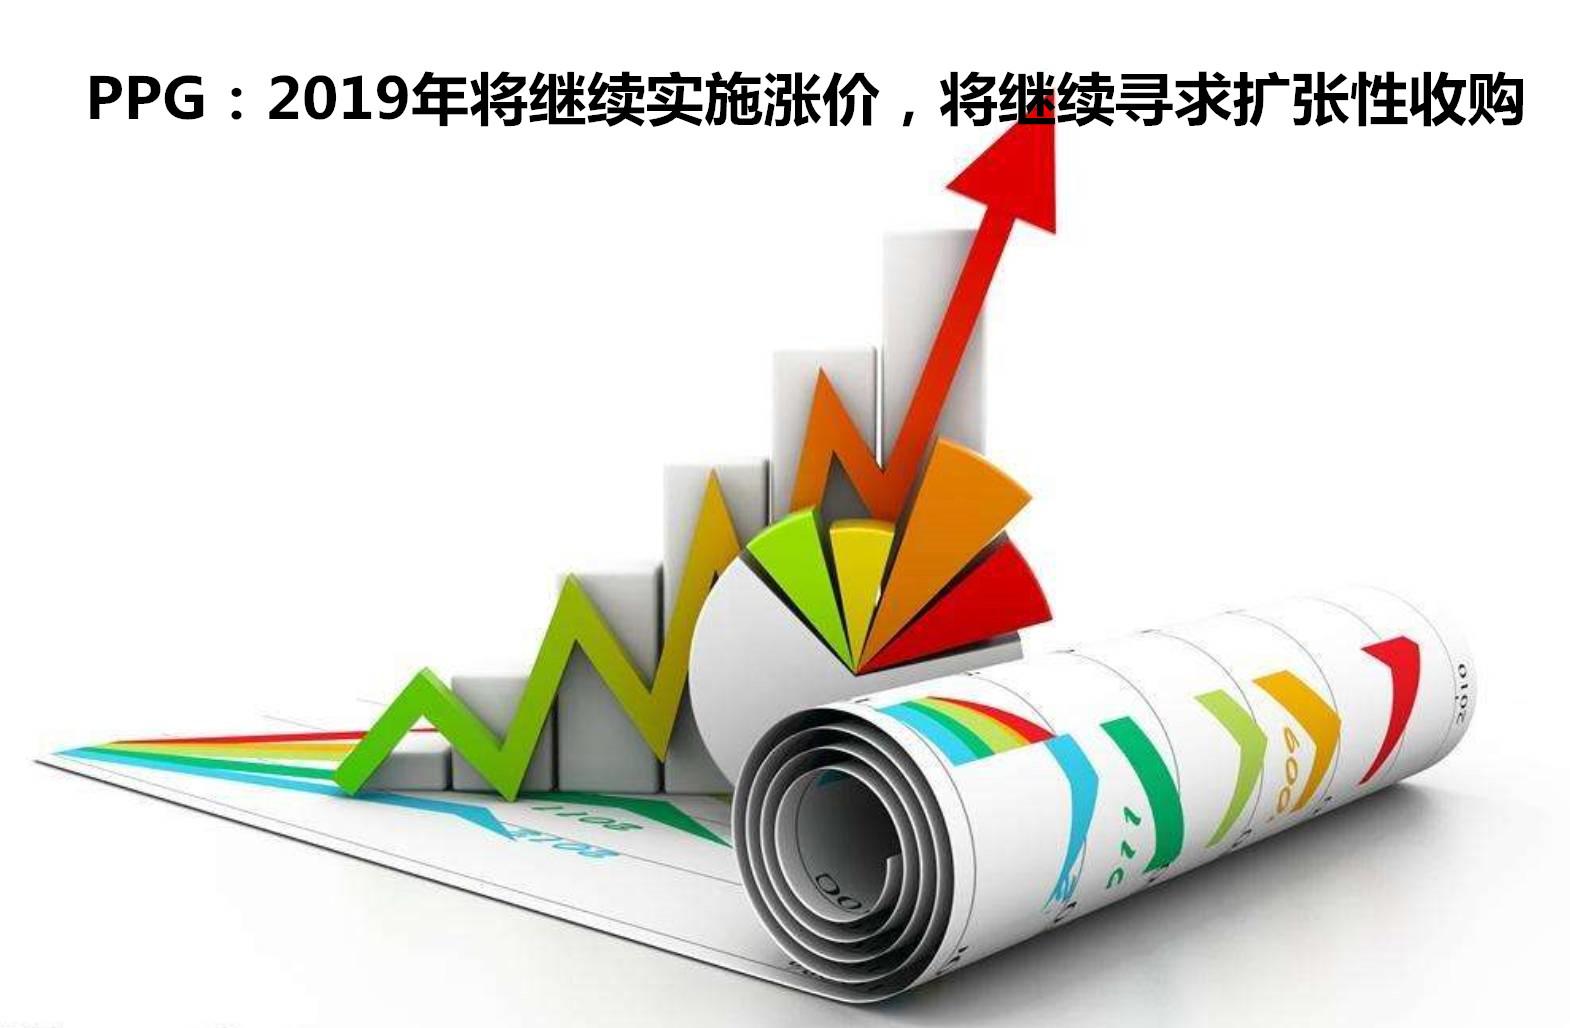 PPG:2019年将继续实施涨价,将继续寻求扩张性收购